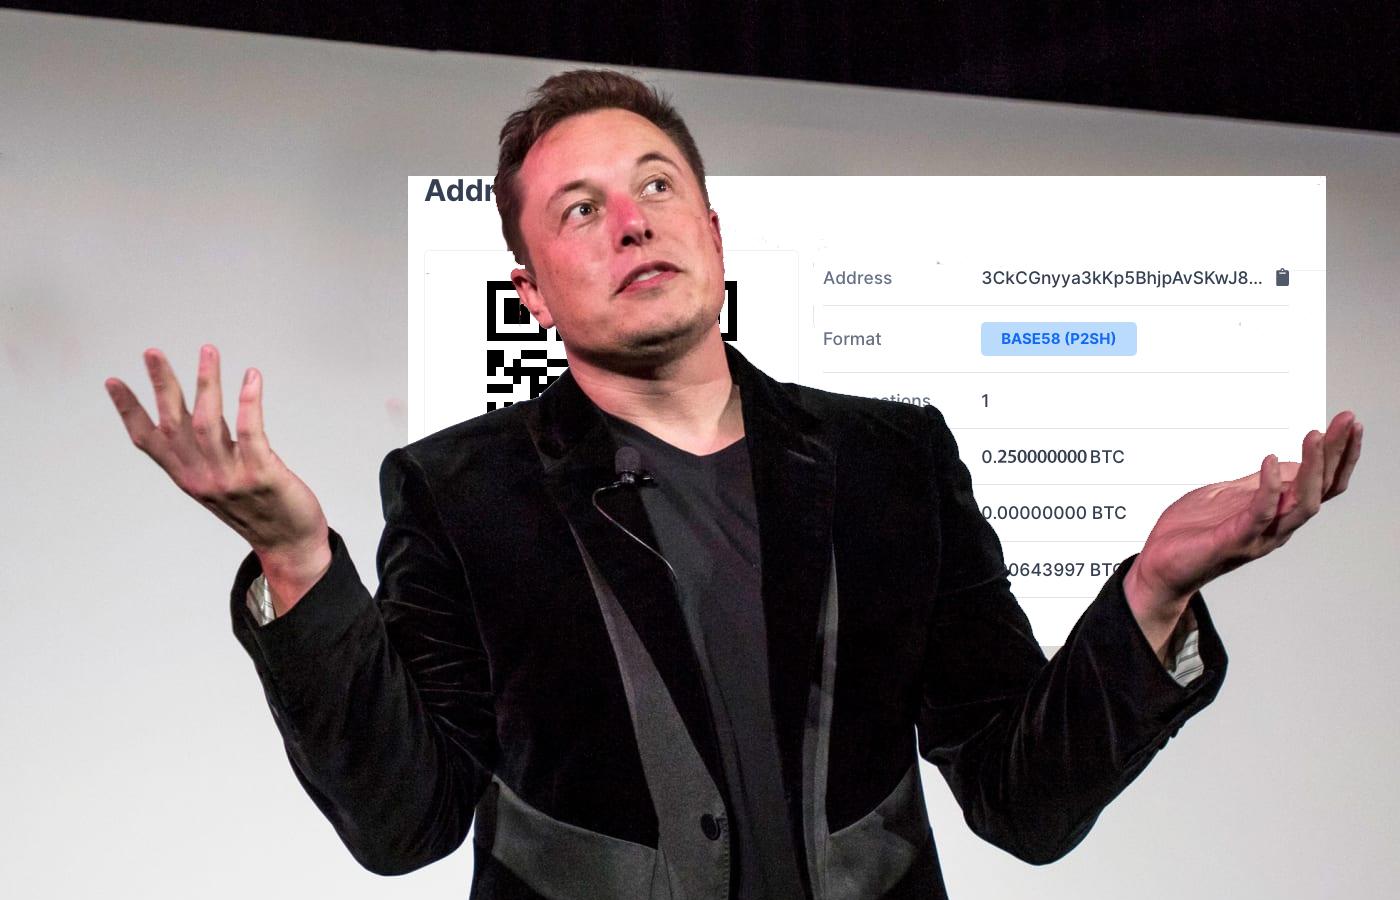 Elon Musk Reveals How Much Bitcoin He Has